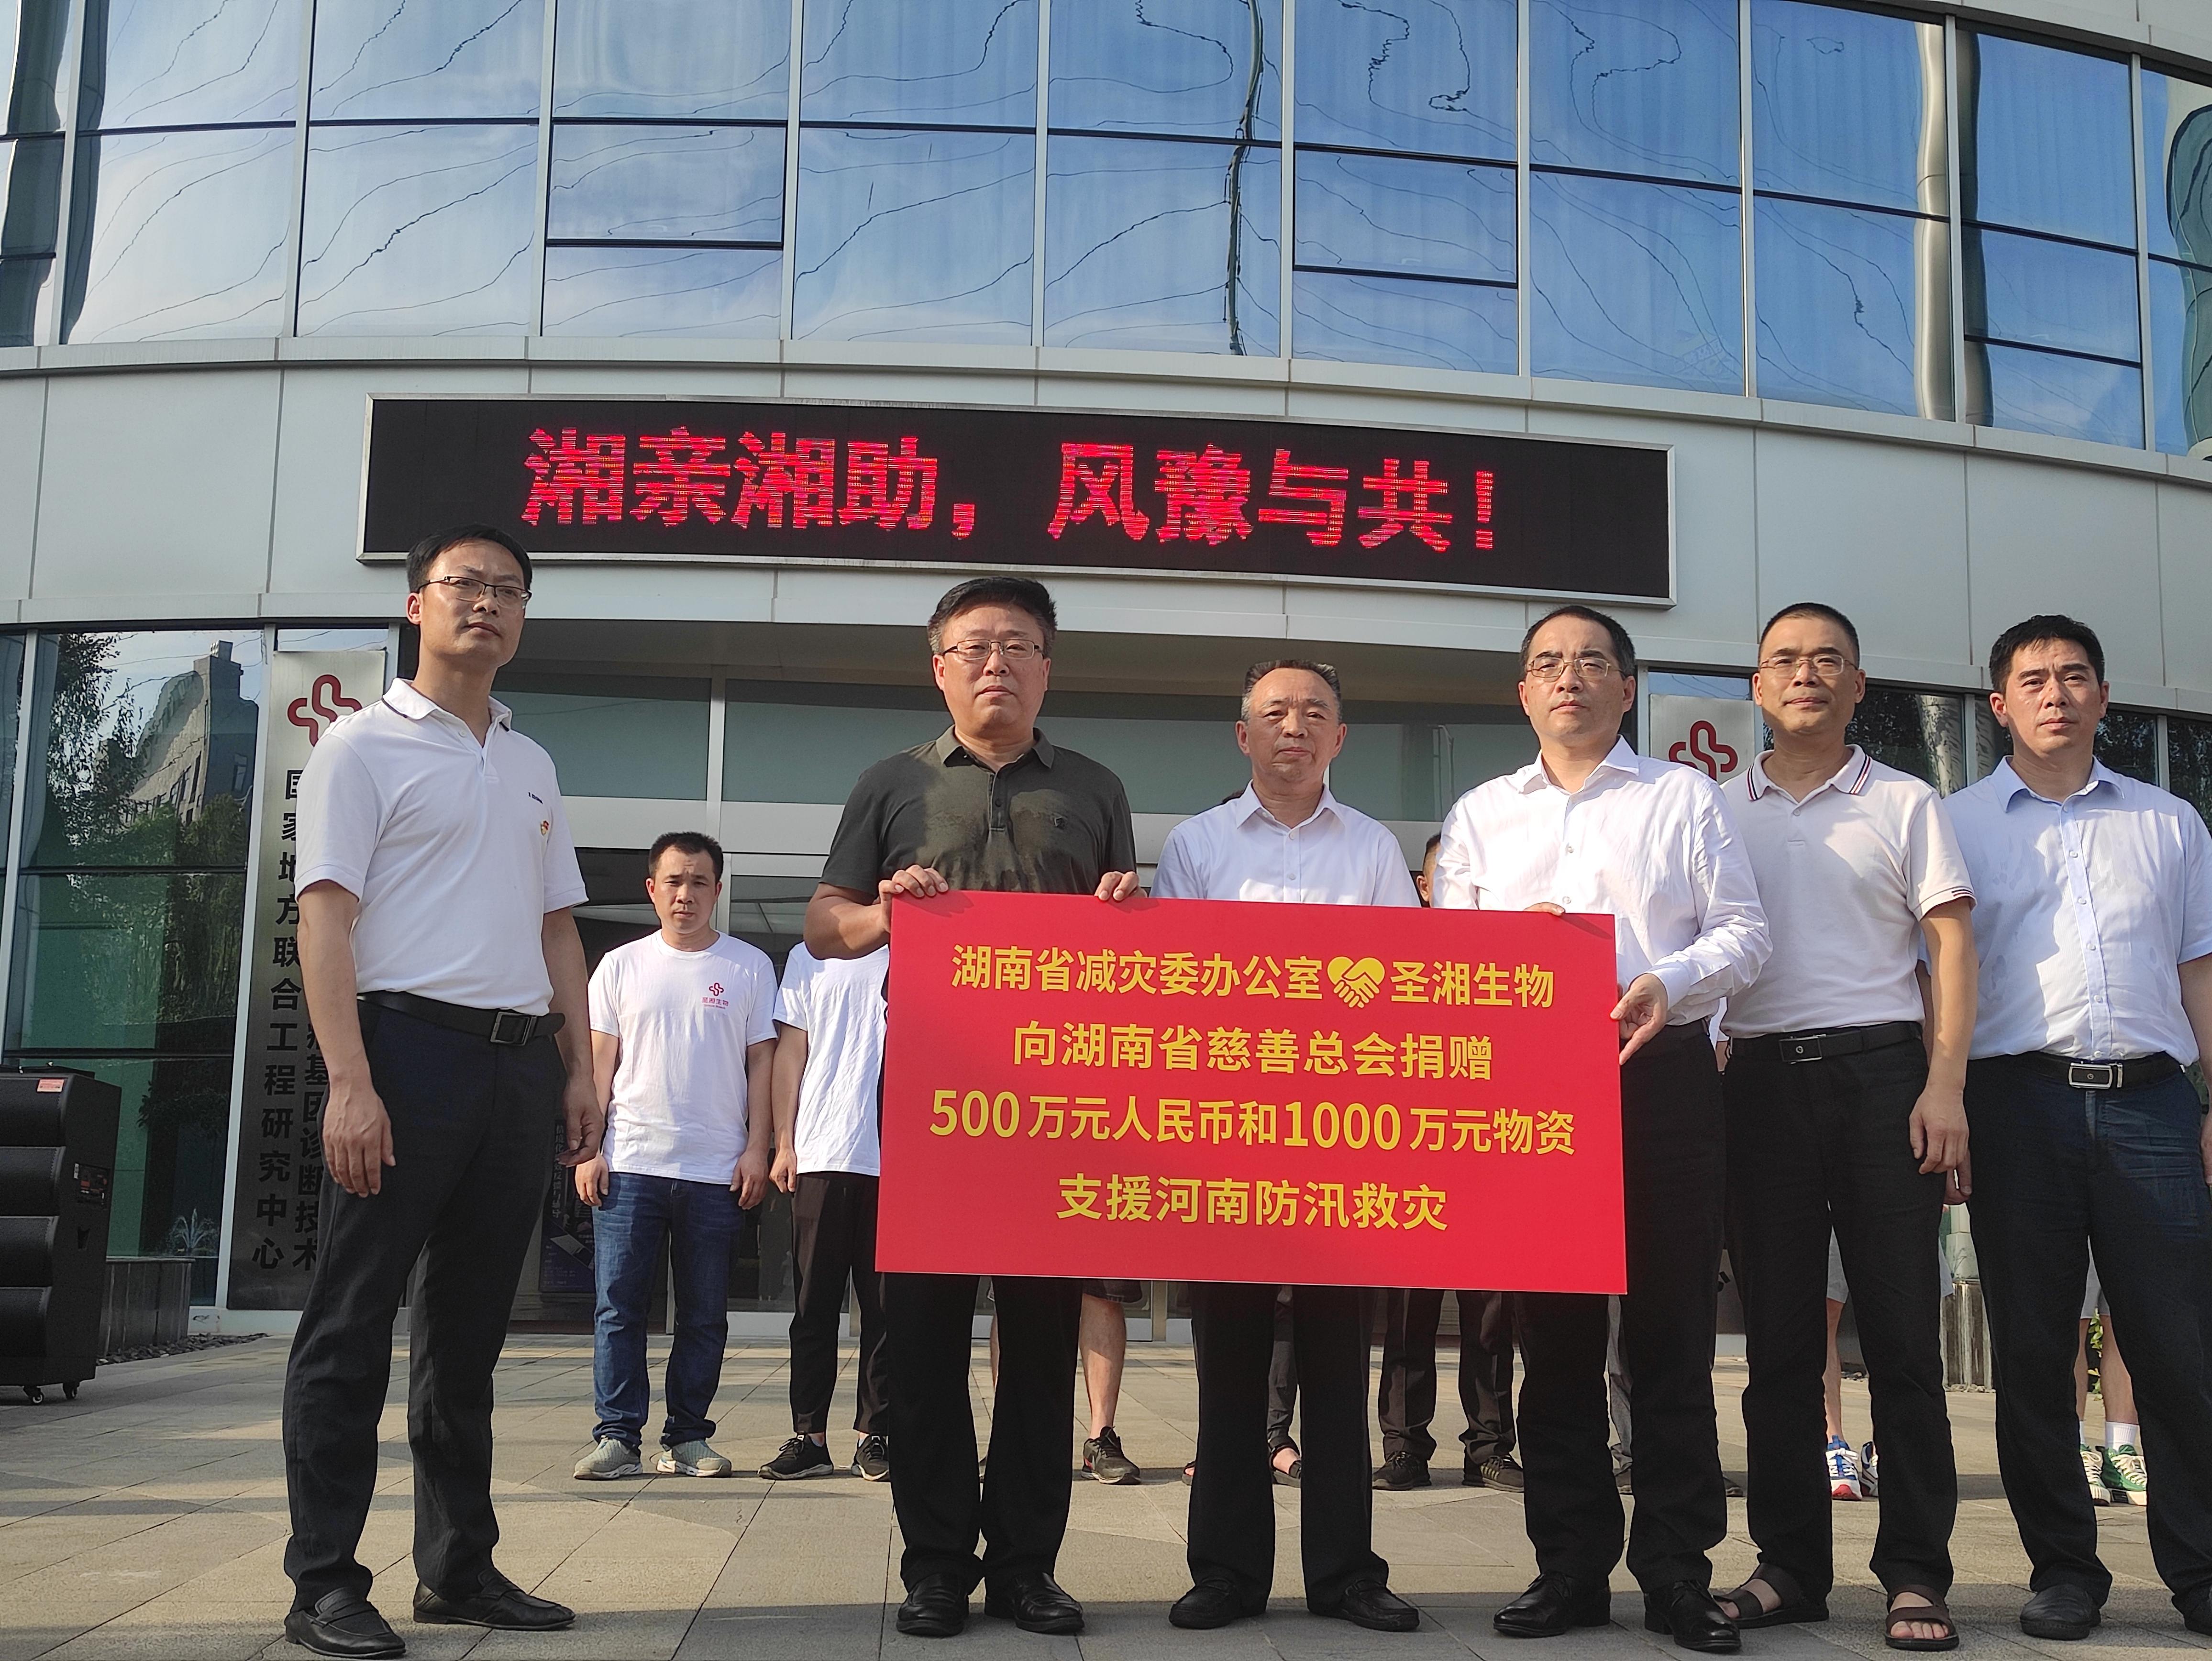 捐赠1500万元现金及物资,圣湘生物驰援河南防汛救灾